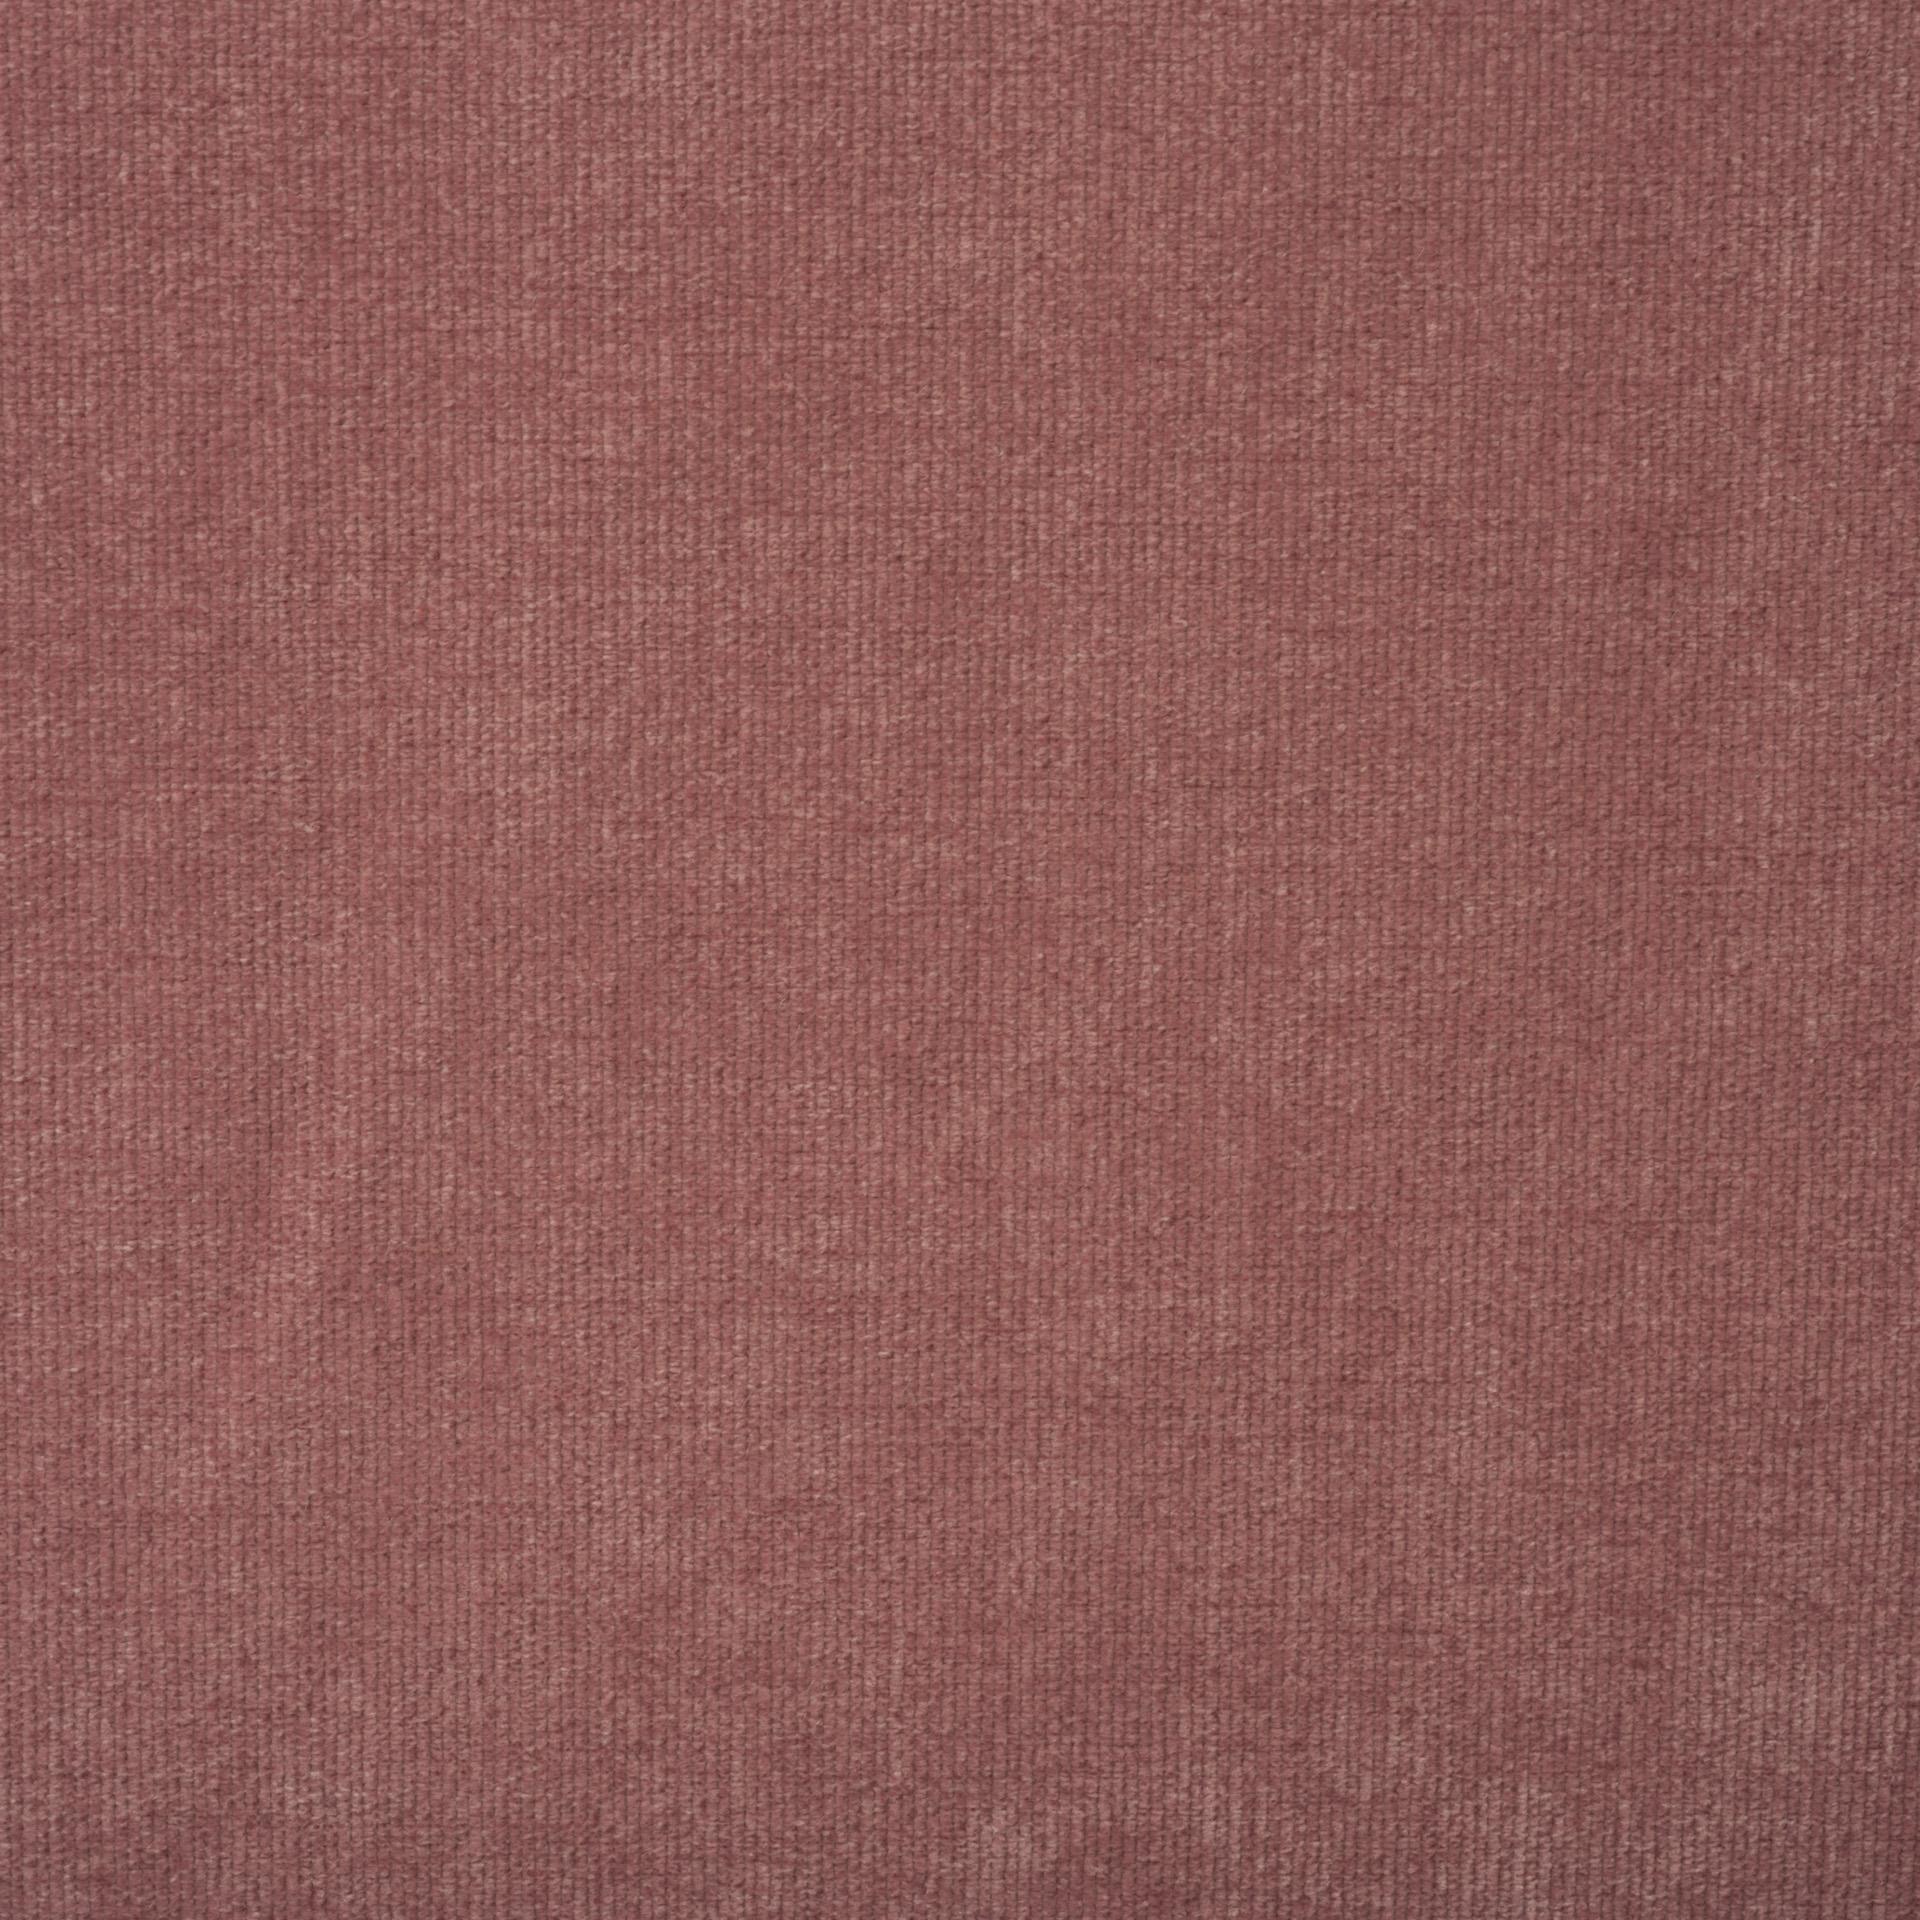 Коллекция ткани Кордрой 201,  купить ткань Велюр для мебели Украина